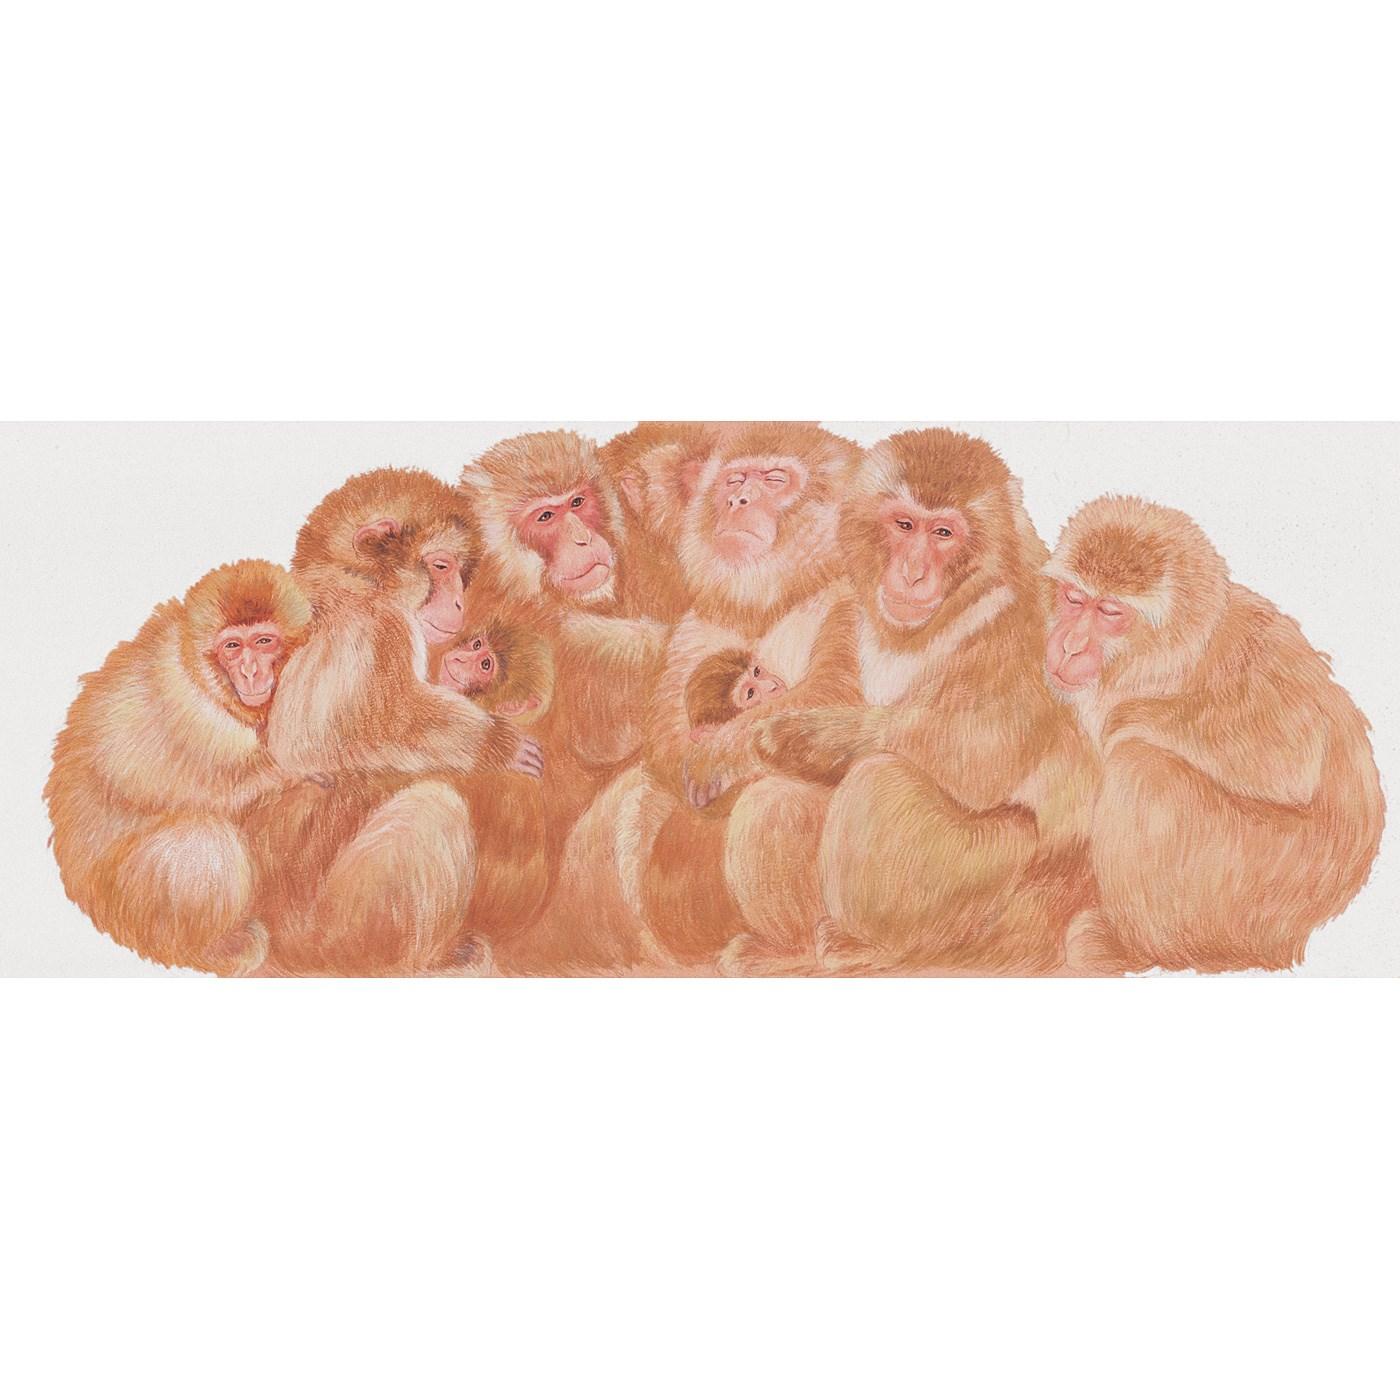 「サルだんご」って? 寒い季節、身を寄せ合ってからだをあたため合うニホンザルの姿をたとえたもので、日本の冬の風物詩。いちばんあたたかいセンターポジションを陣取るのは、ボスザルなんだって。